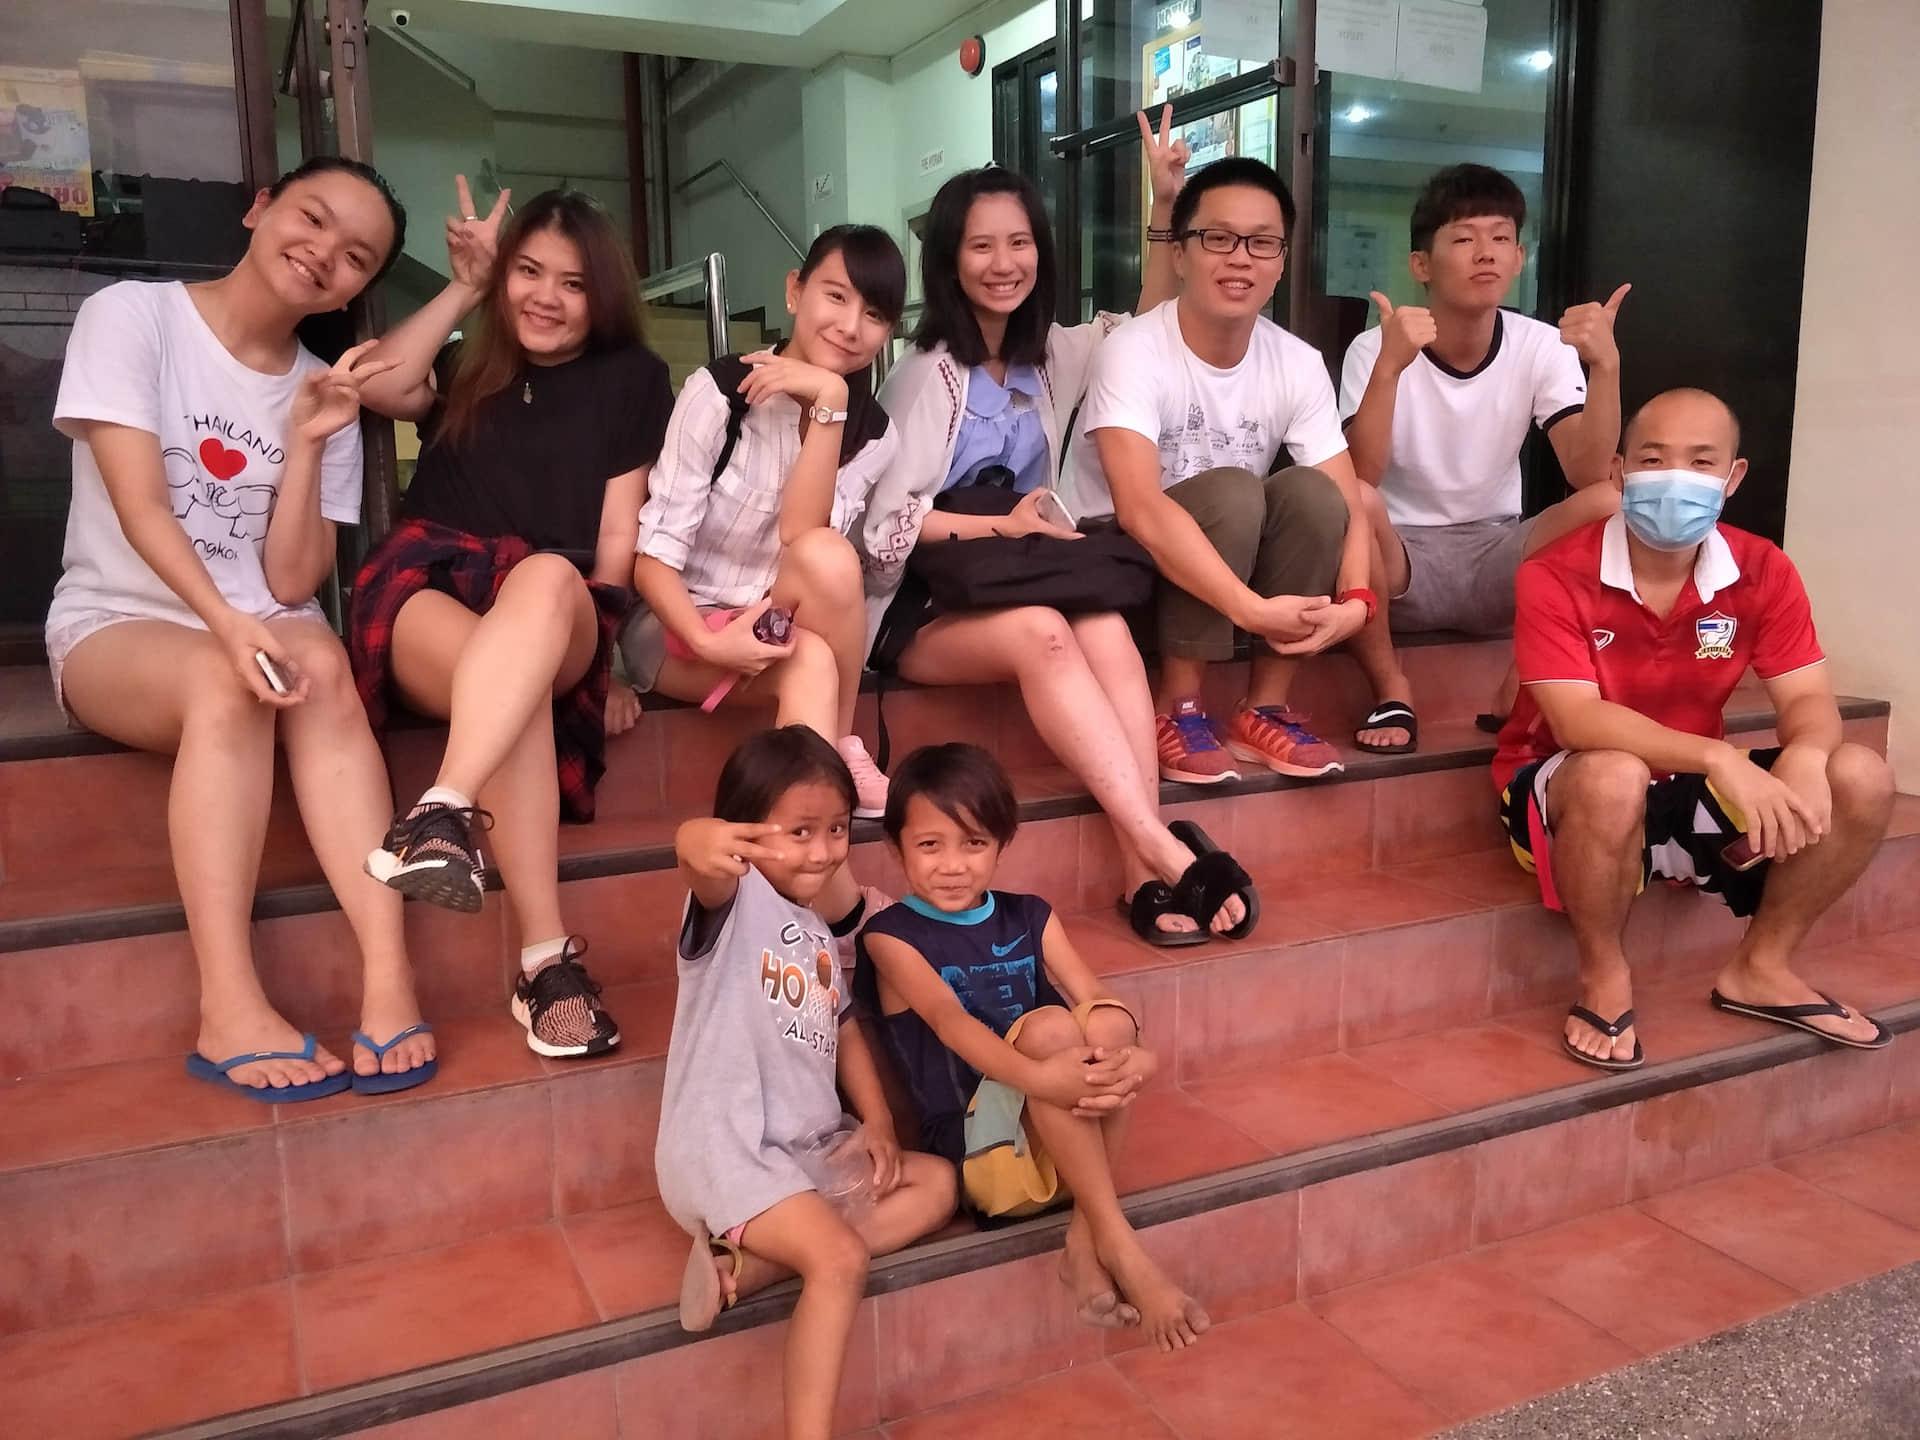 菲律賓遊學心得, 菲律賓遊學經驗, 菲律賓遊學評價, 新飛菲律賓遊學